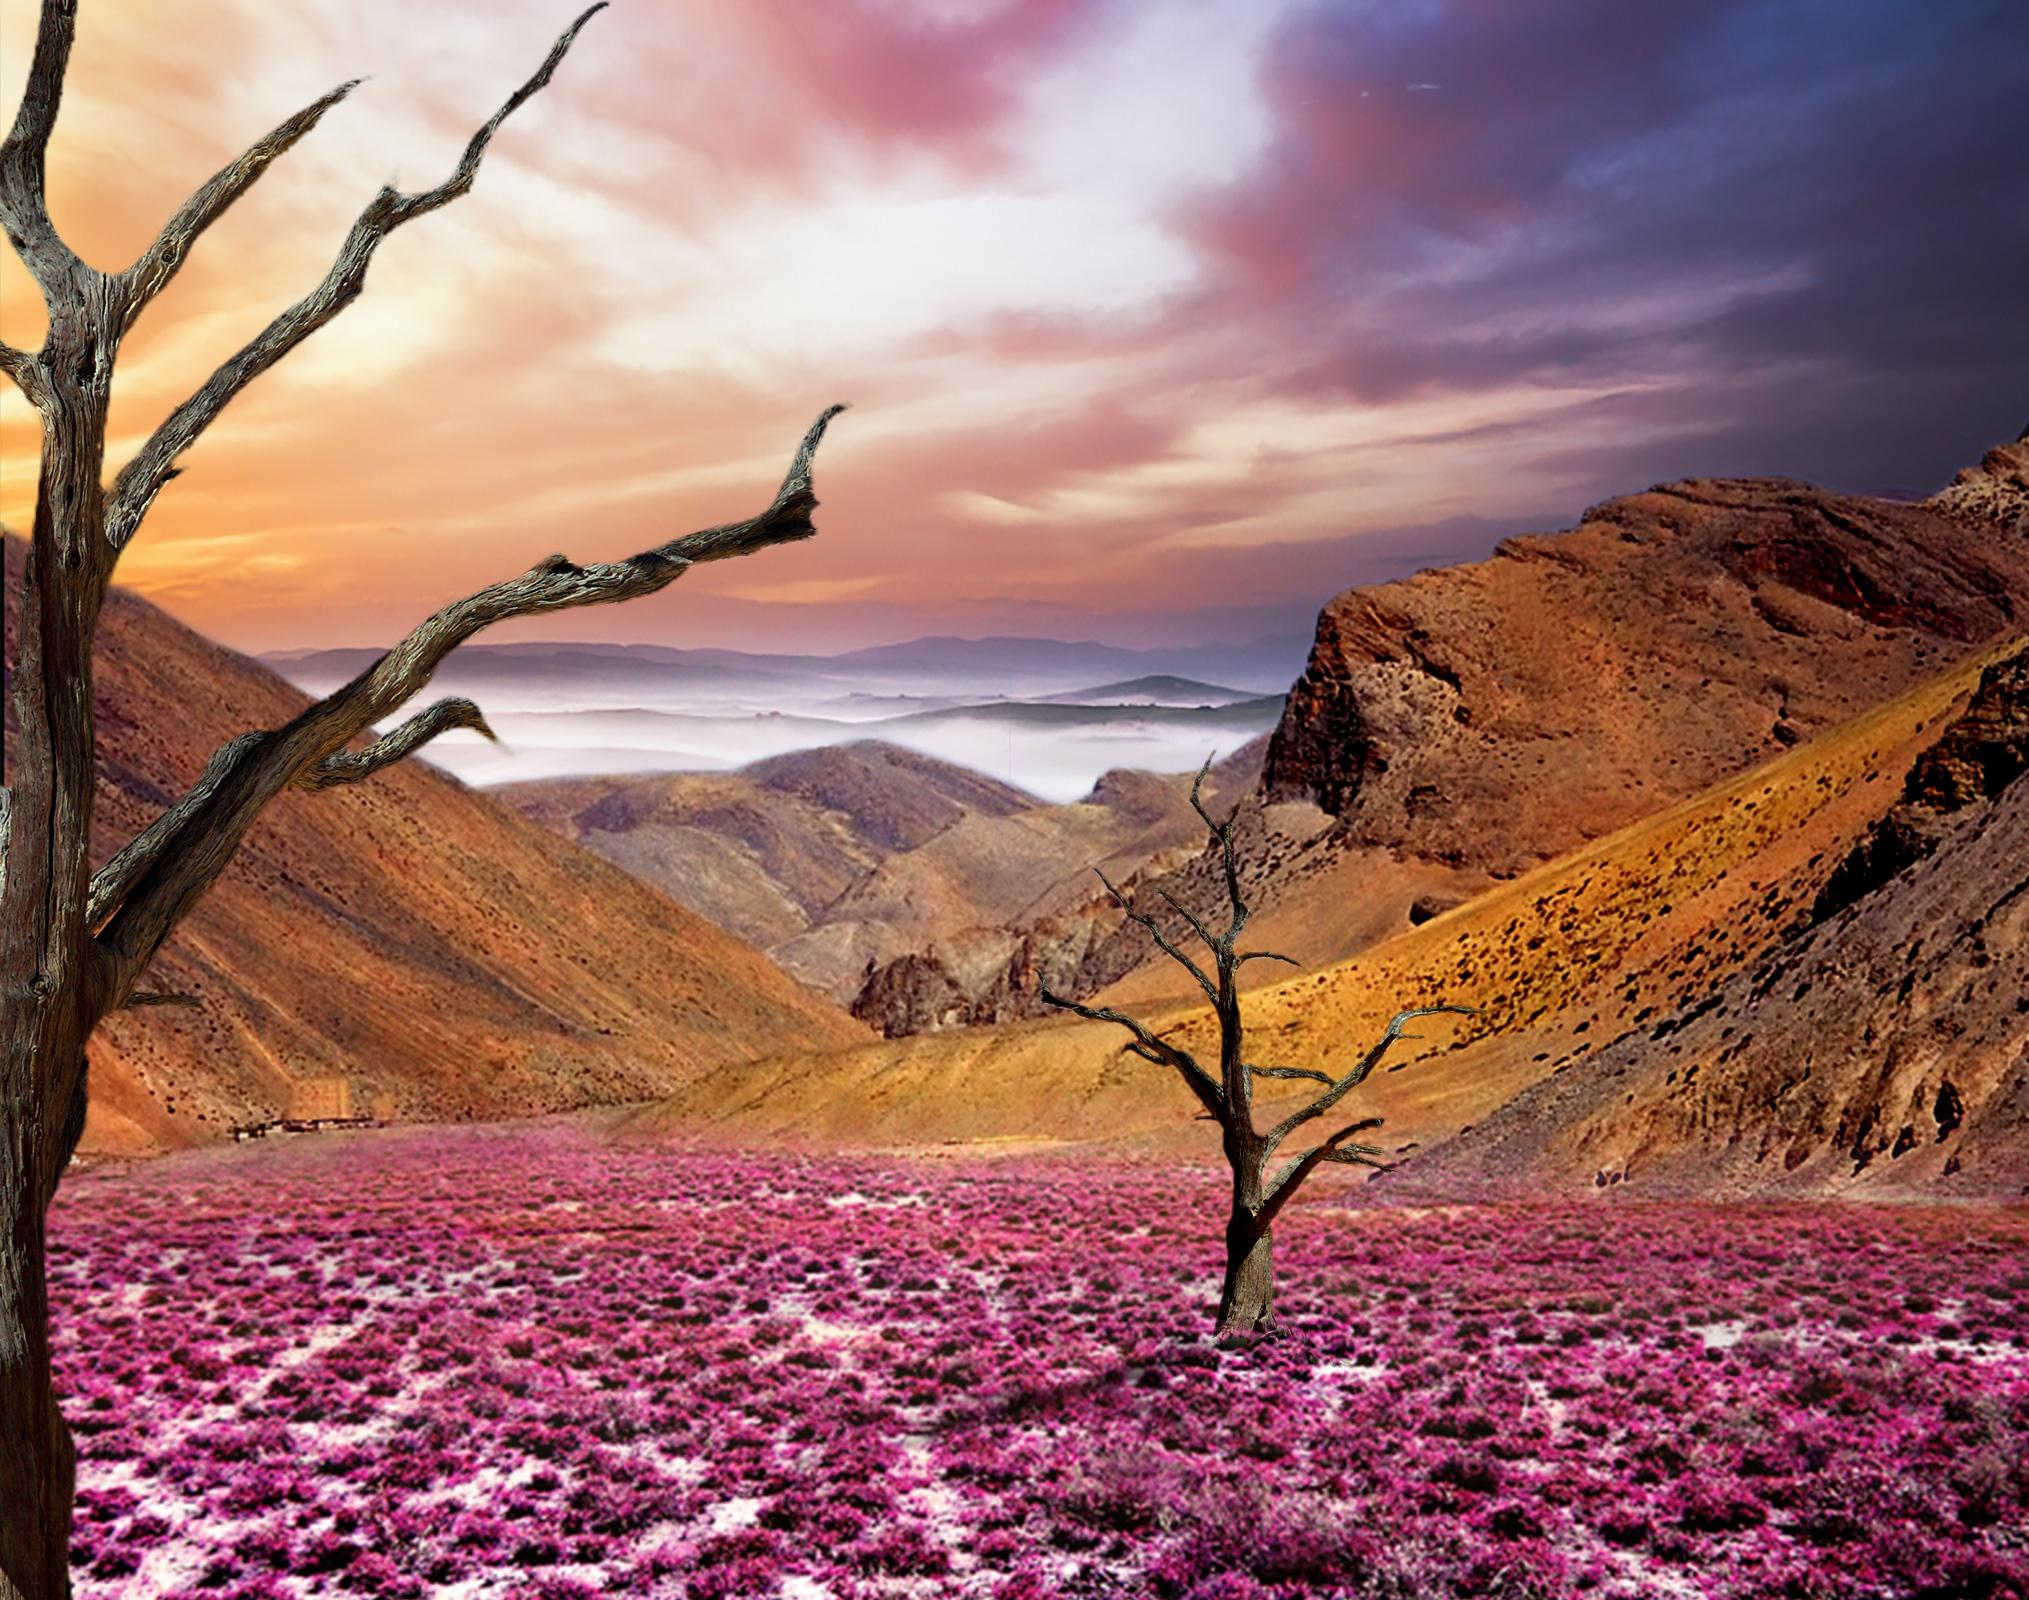 FOTOMONTAGE_Pink_Landscape